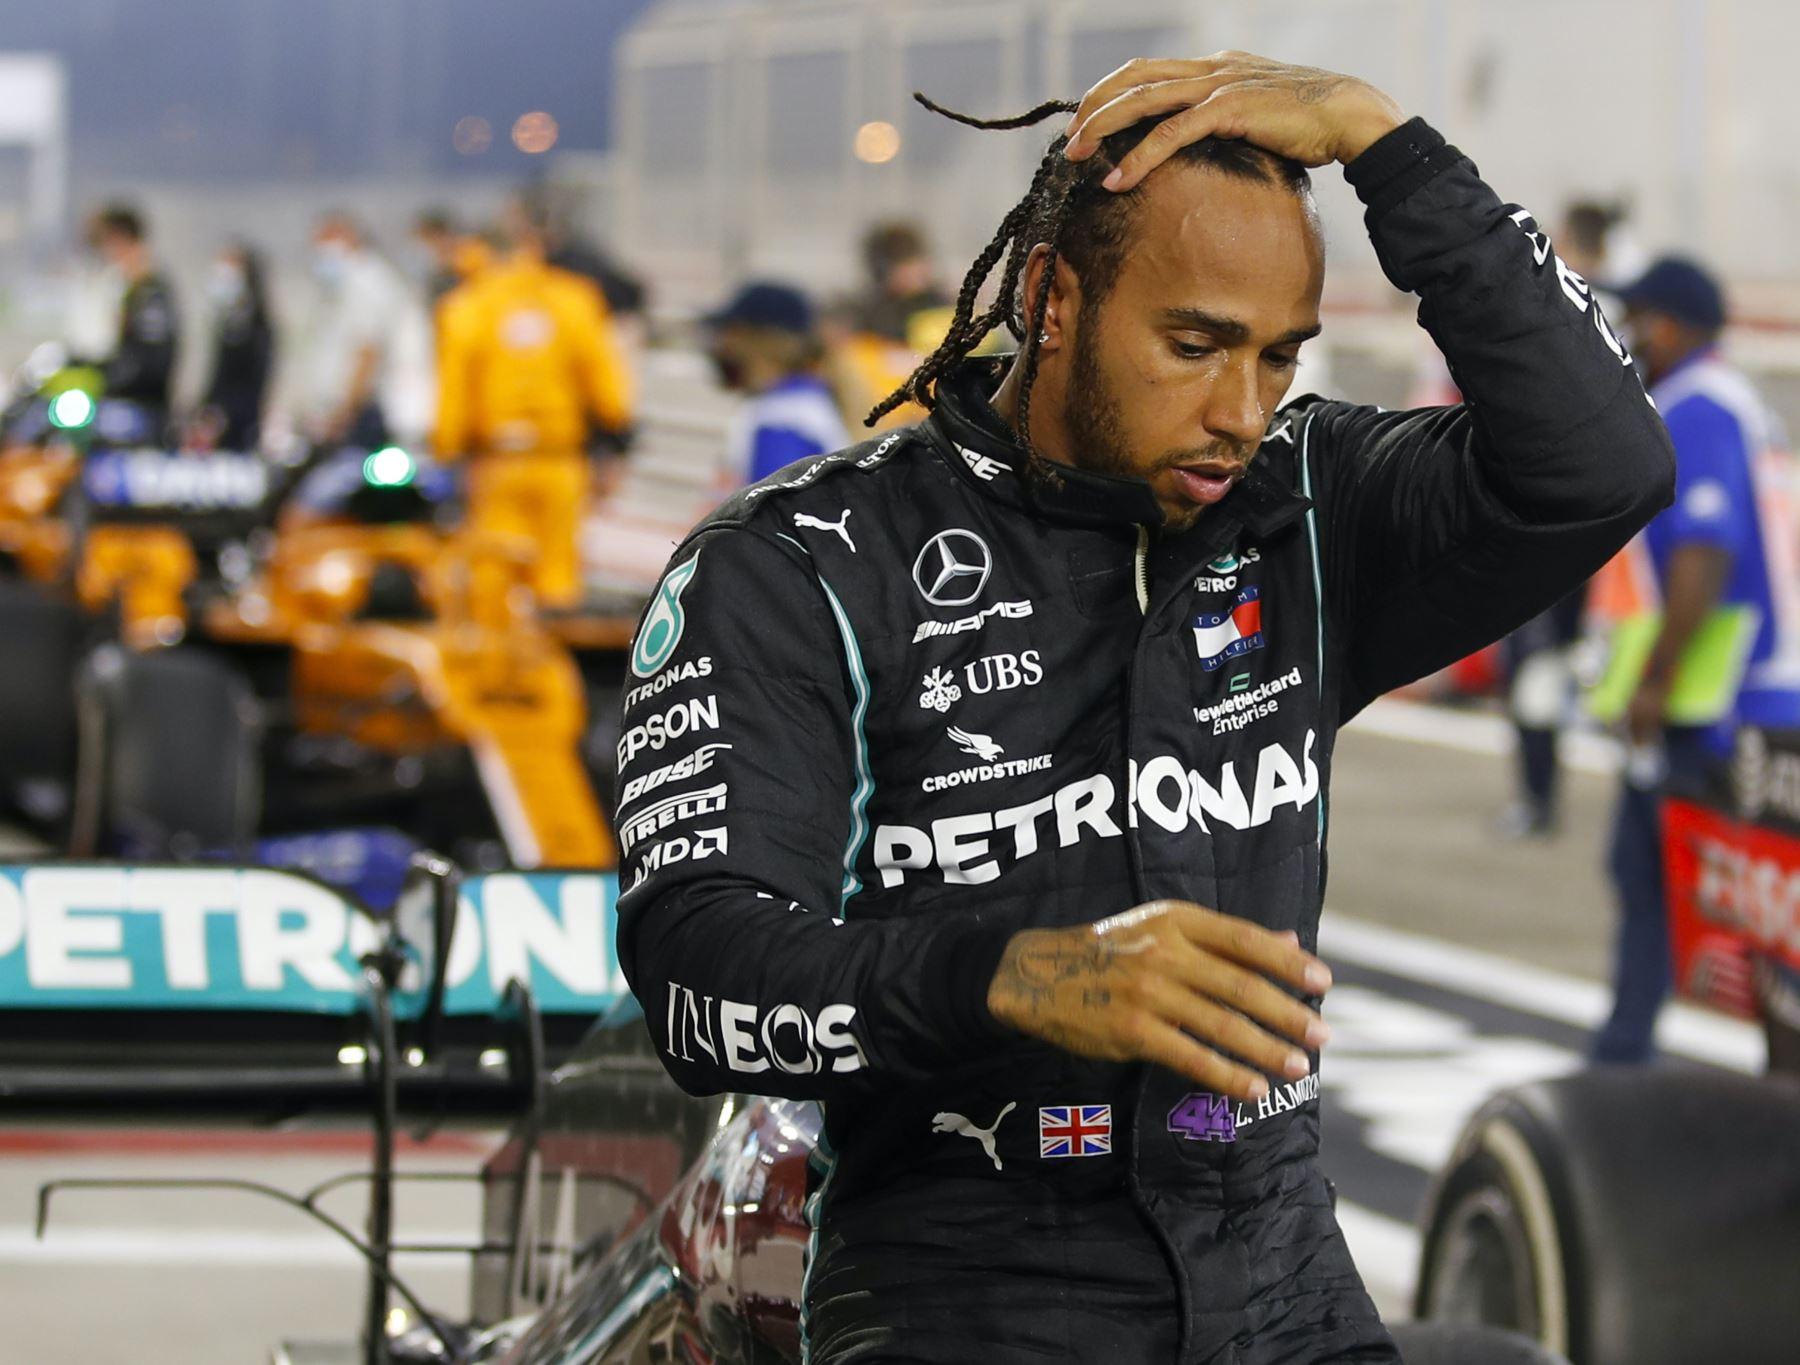 Campeón mundial de Fórmula 1 Lewis Hamilton da positivo a covid-19